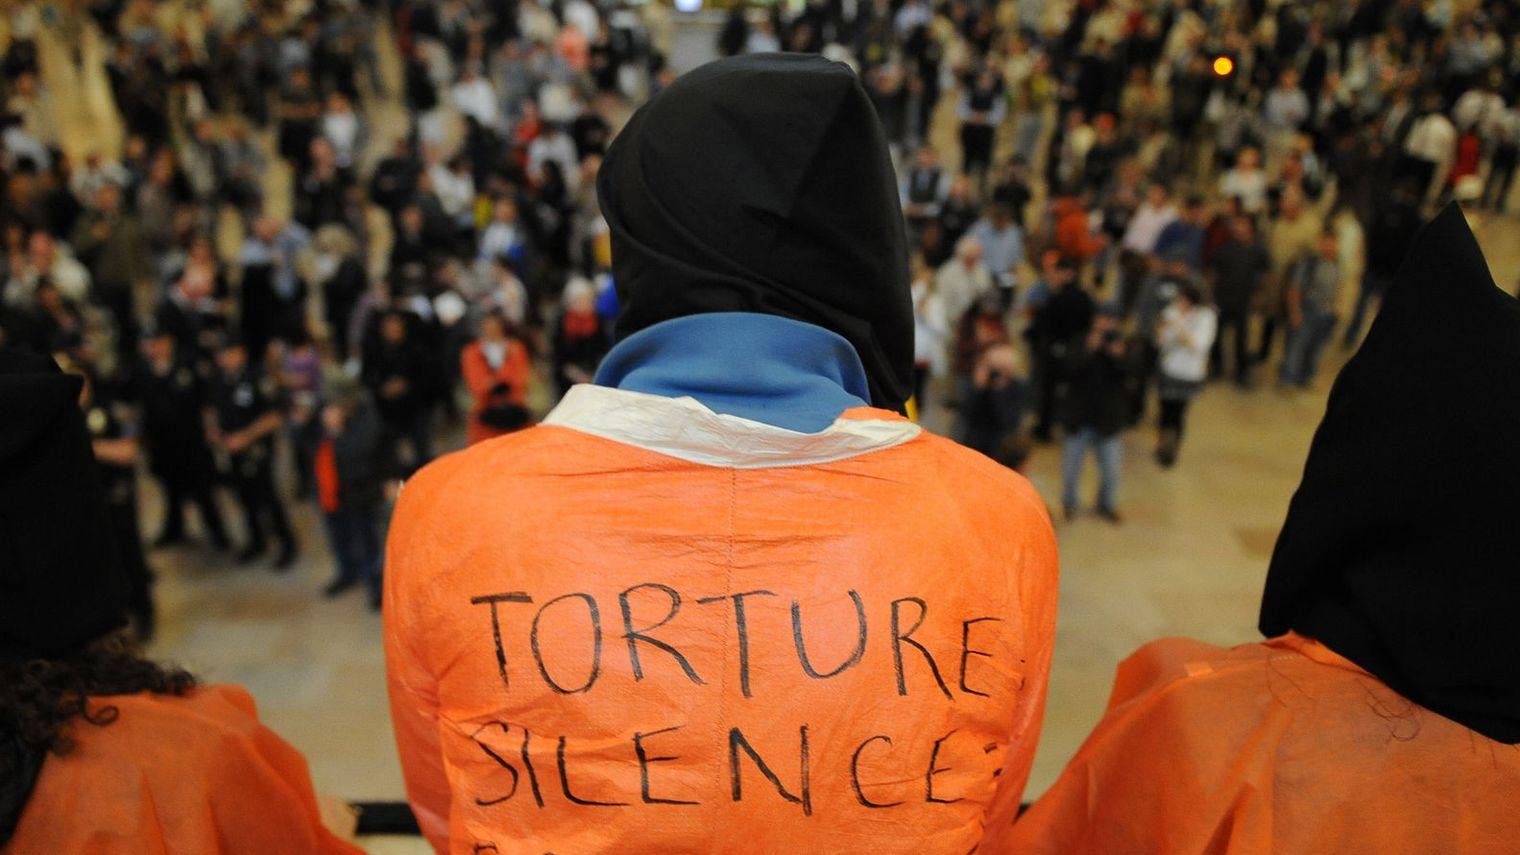 LA CIA ET SON PROGRAMME DE TORTURE INHUMAIN - 119 prisonniers de 20 Etats différents victimes de sévices odieux